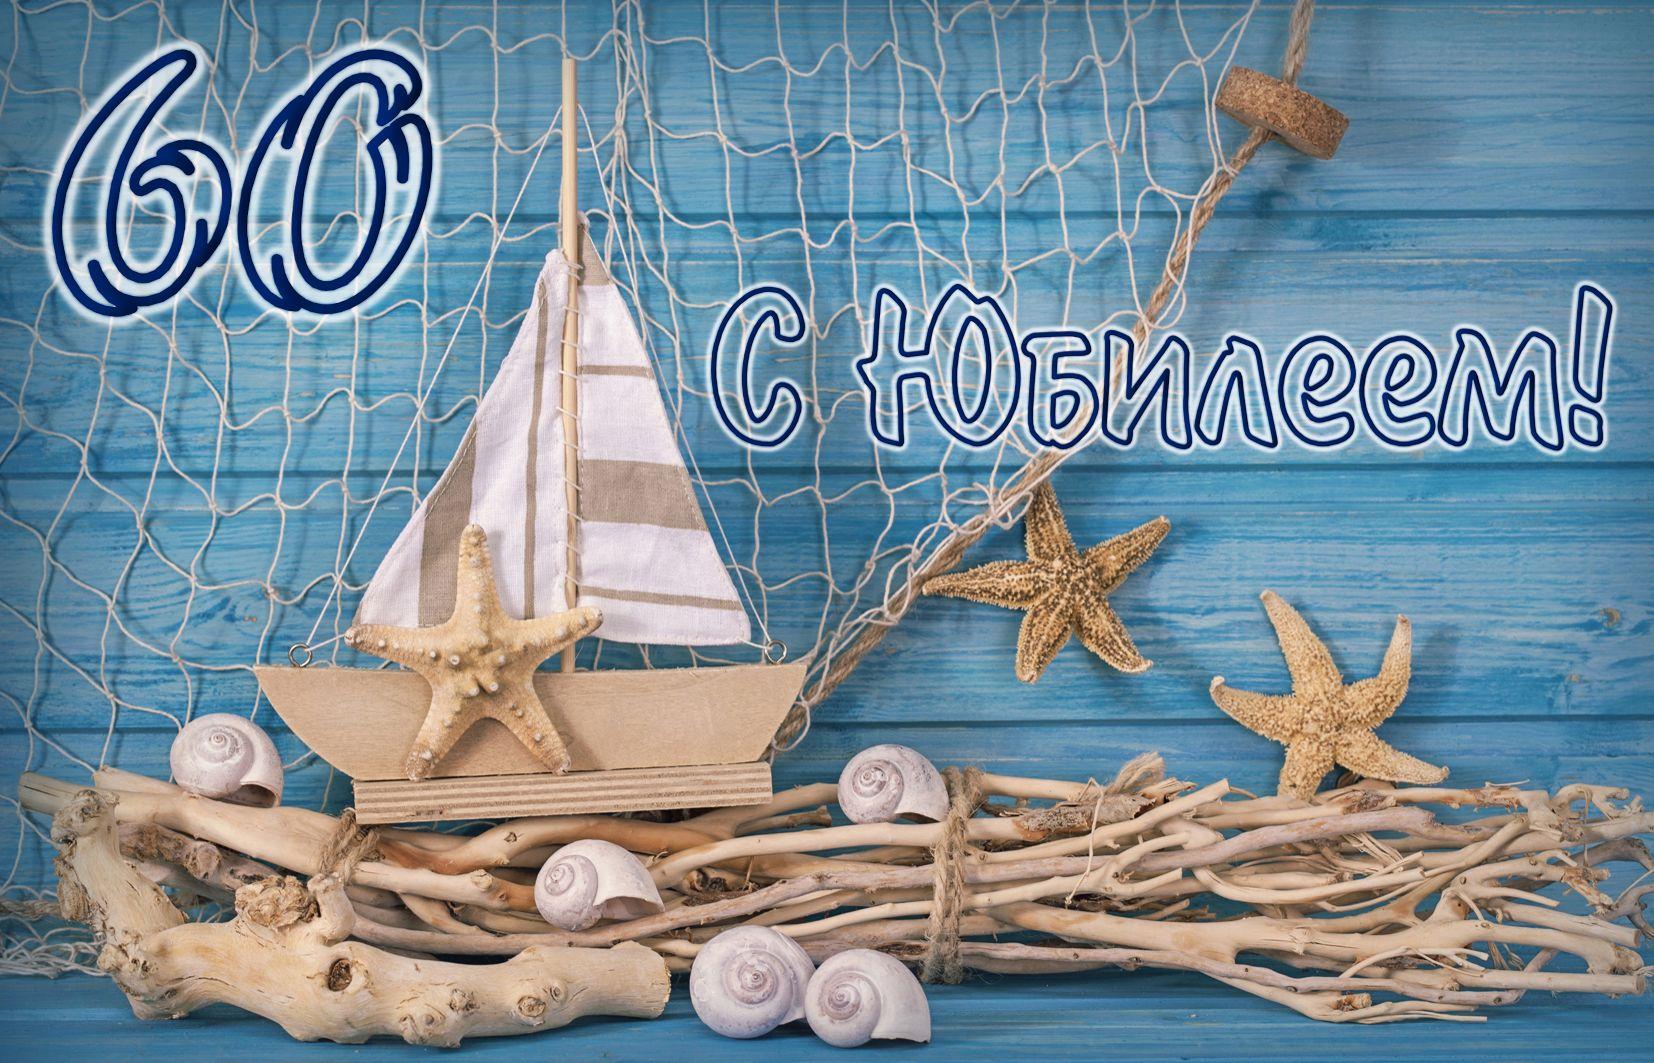 Открытка на юбилей 60 лет - игрушечная яхта, ракушки и морские звезды